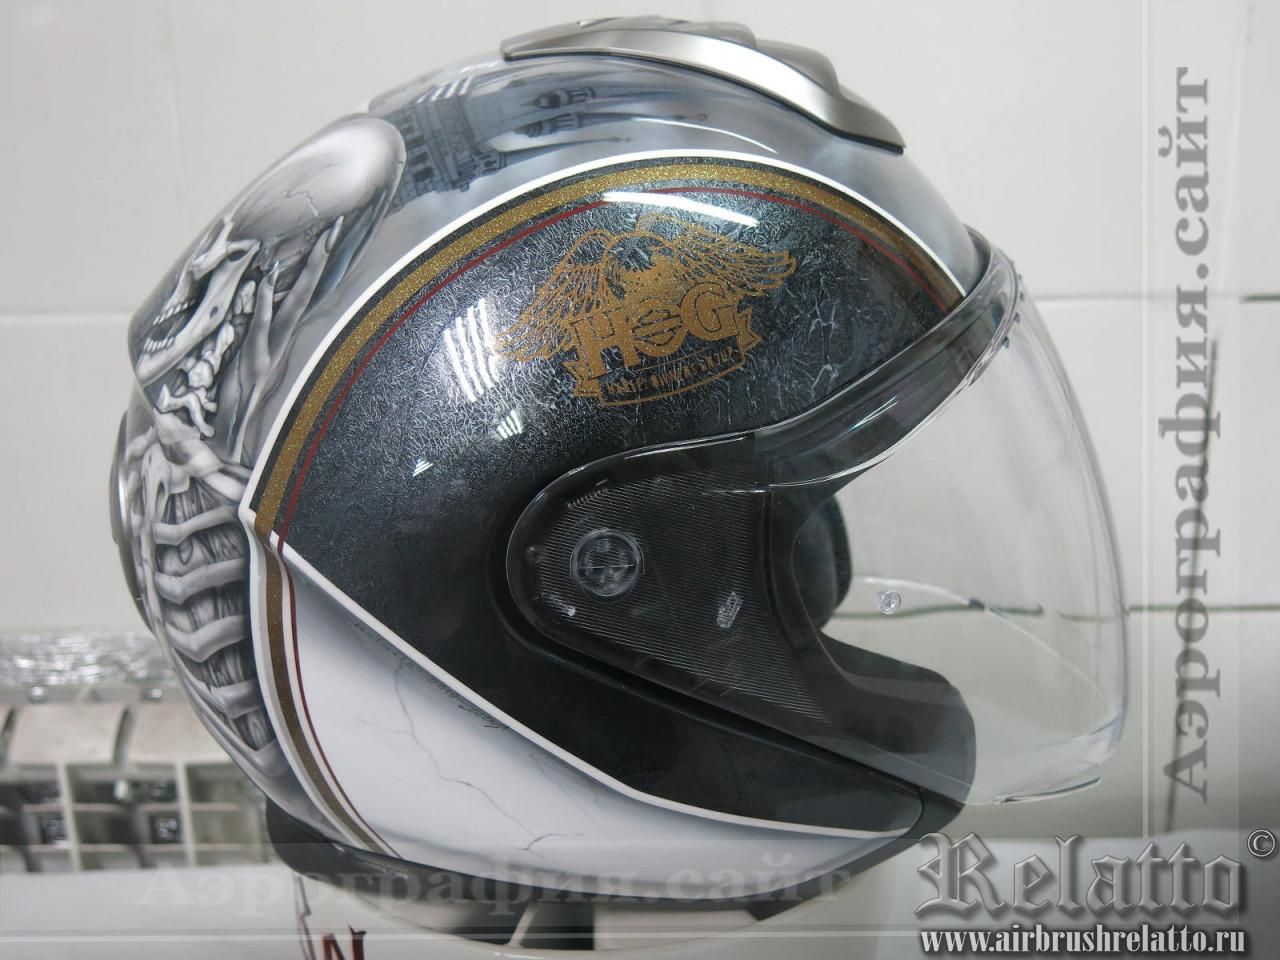 аэрография на шлеме HOG